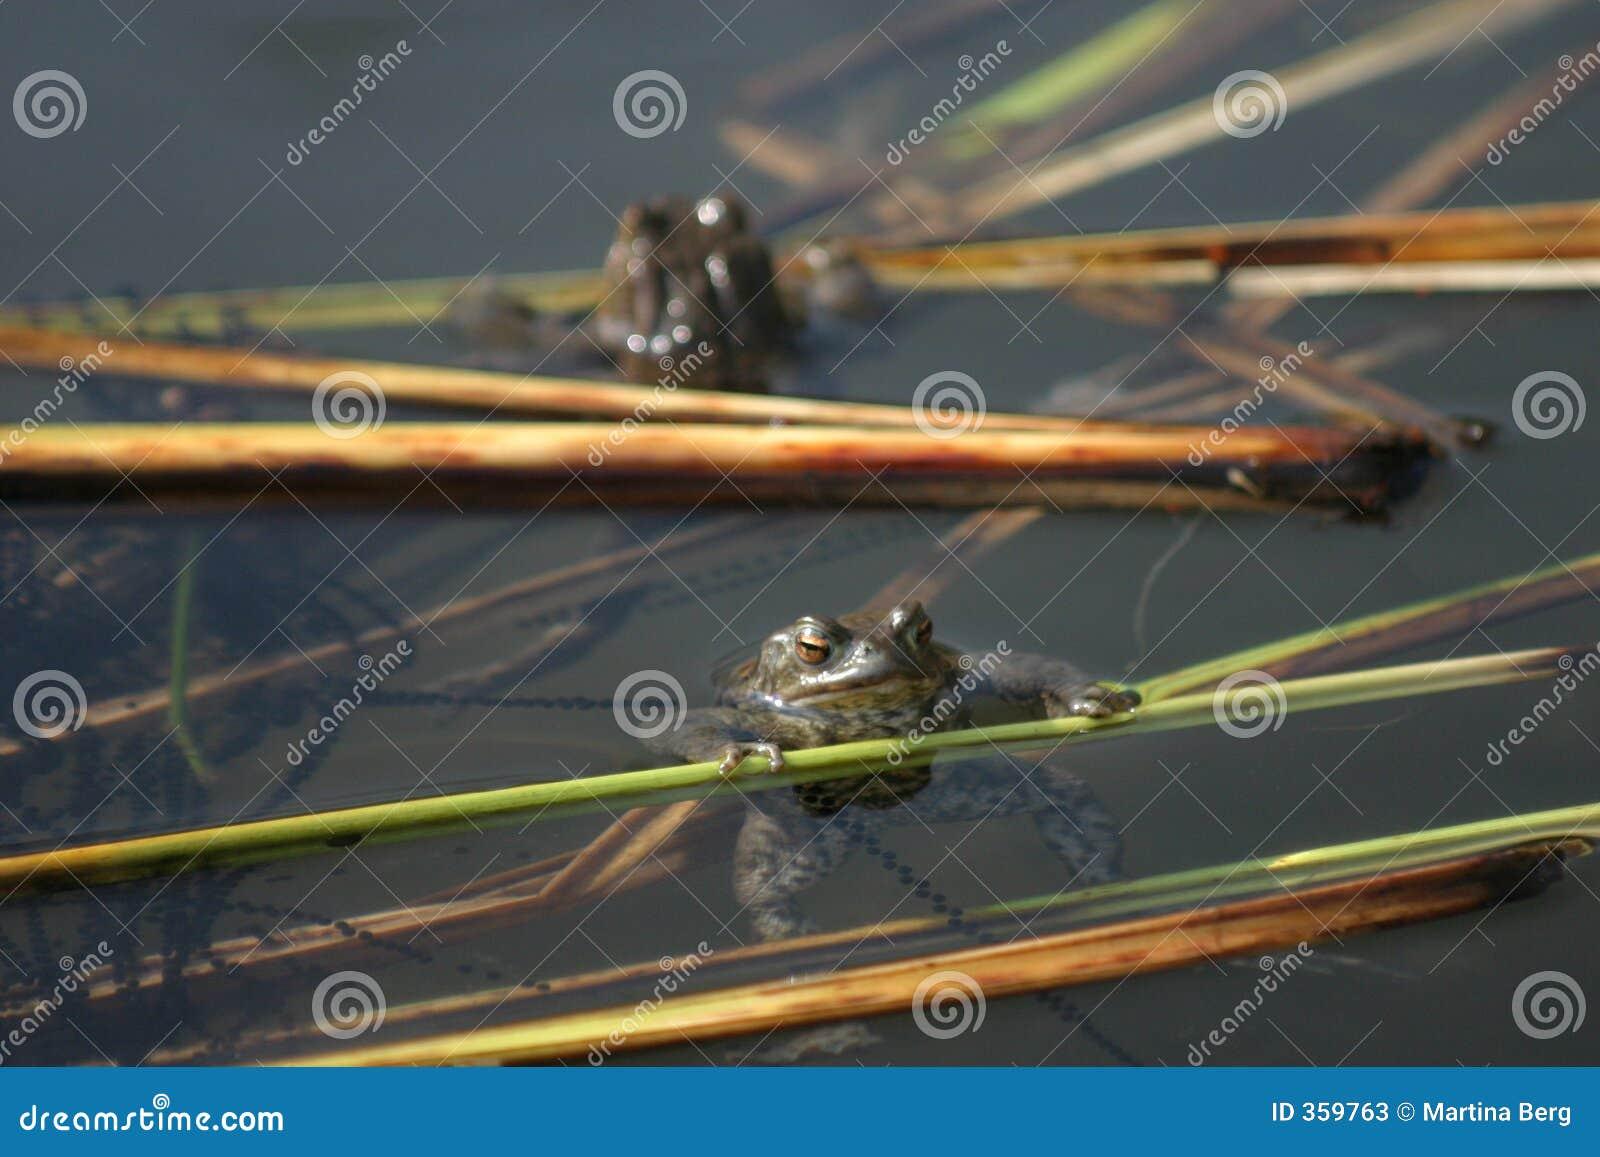 żaby ikra